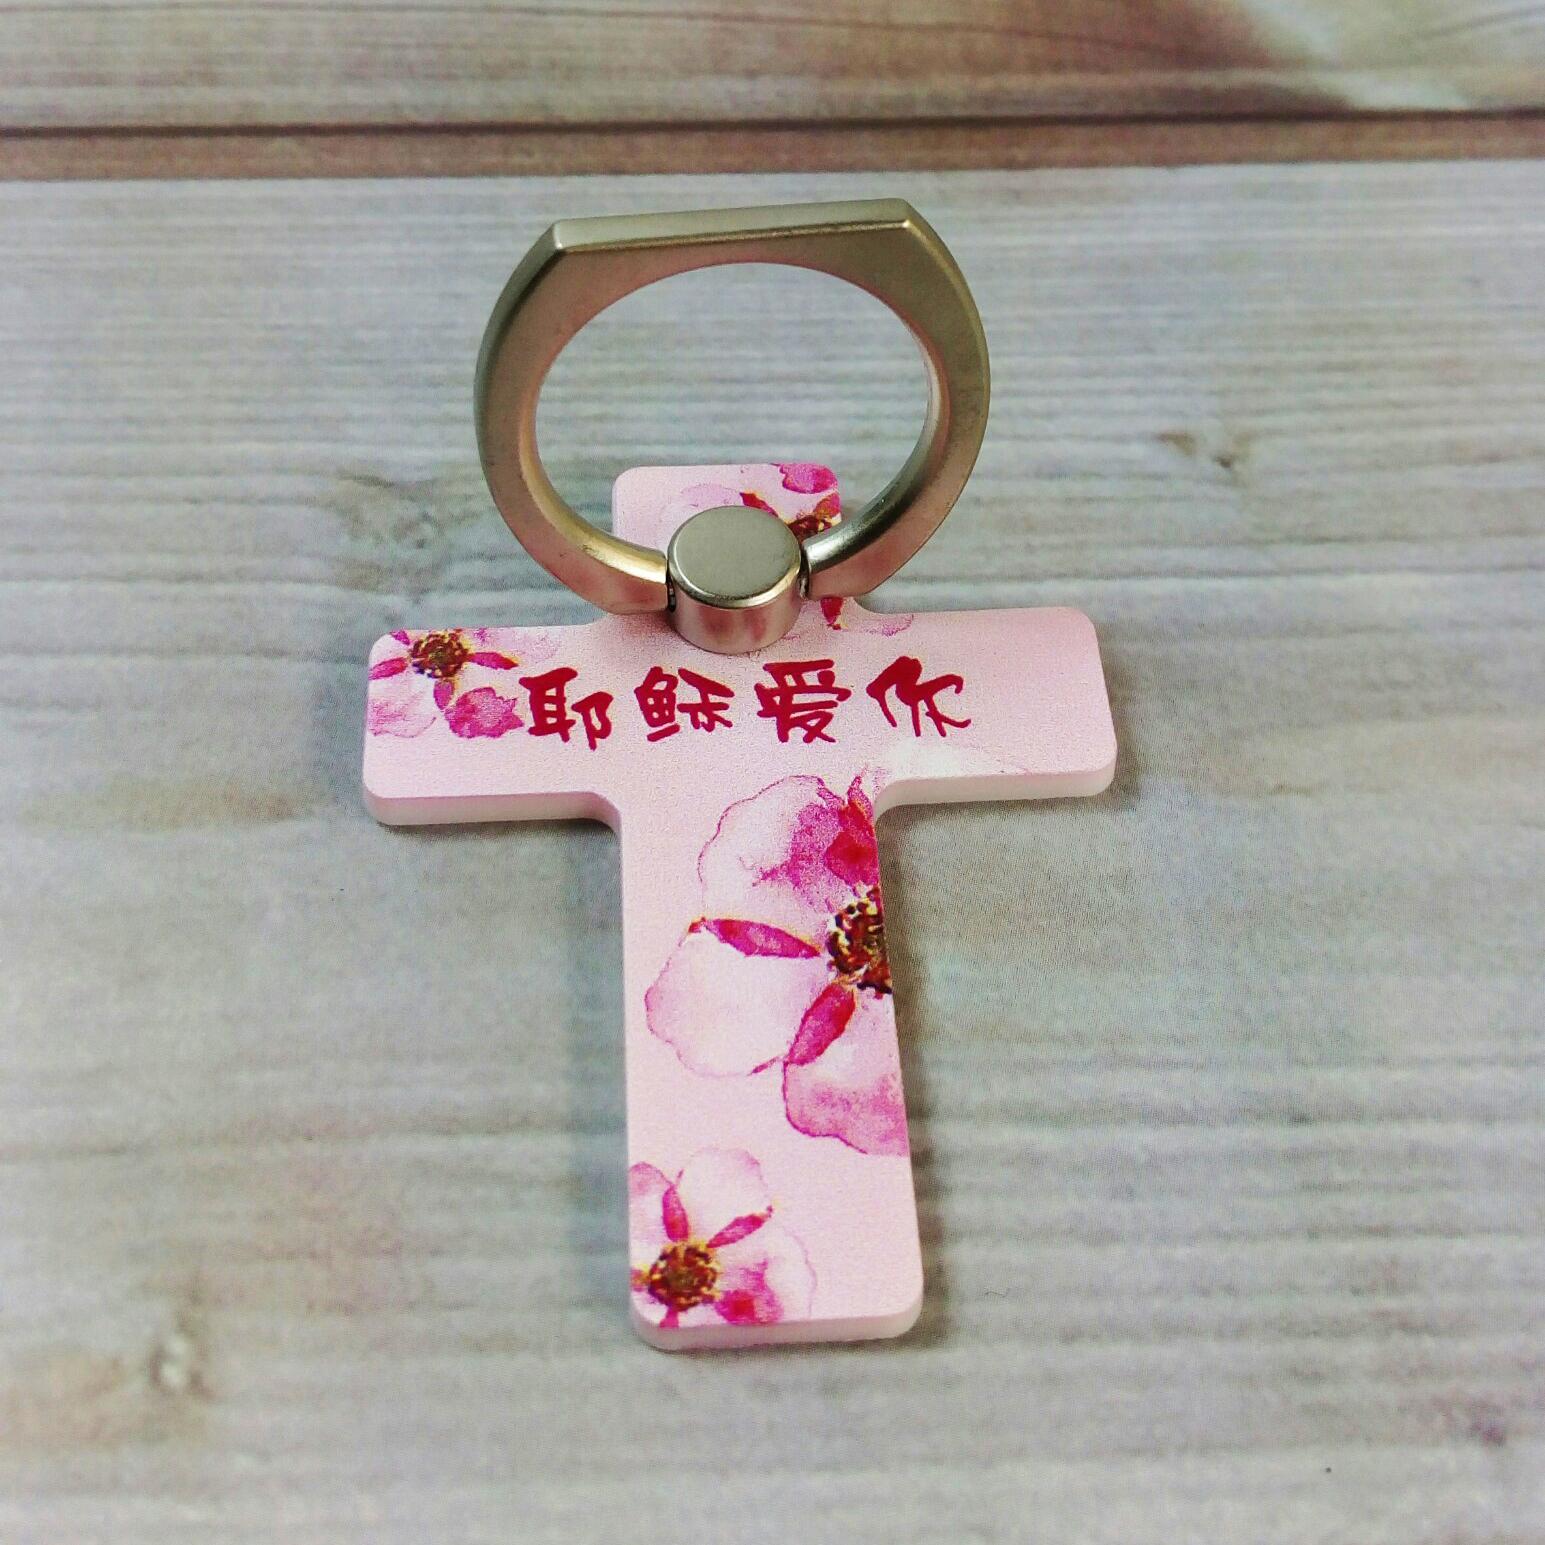 手機金屬指環扣_十架背貼 - 耶穌愛你